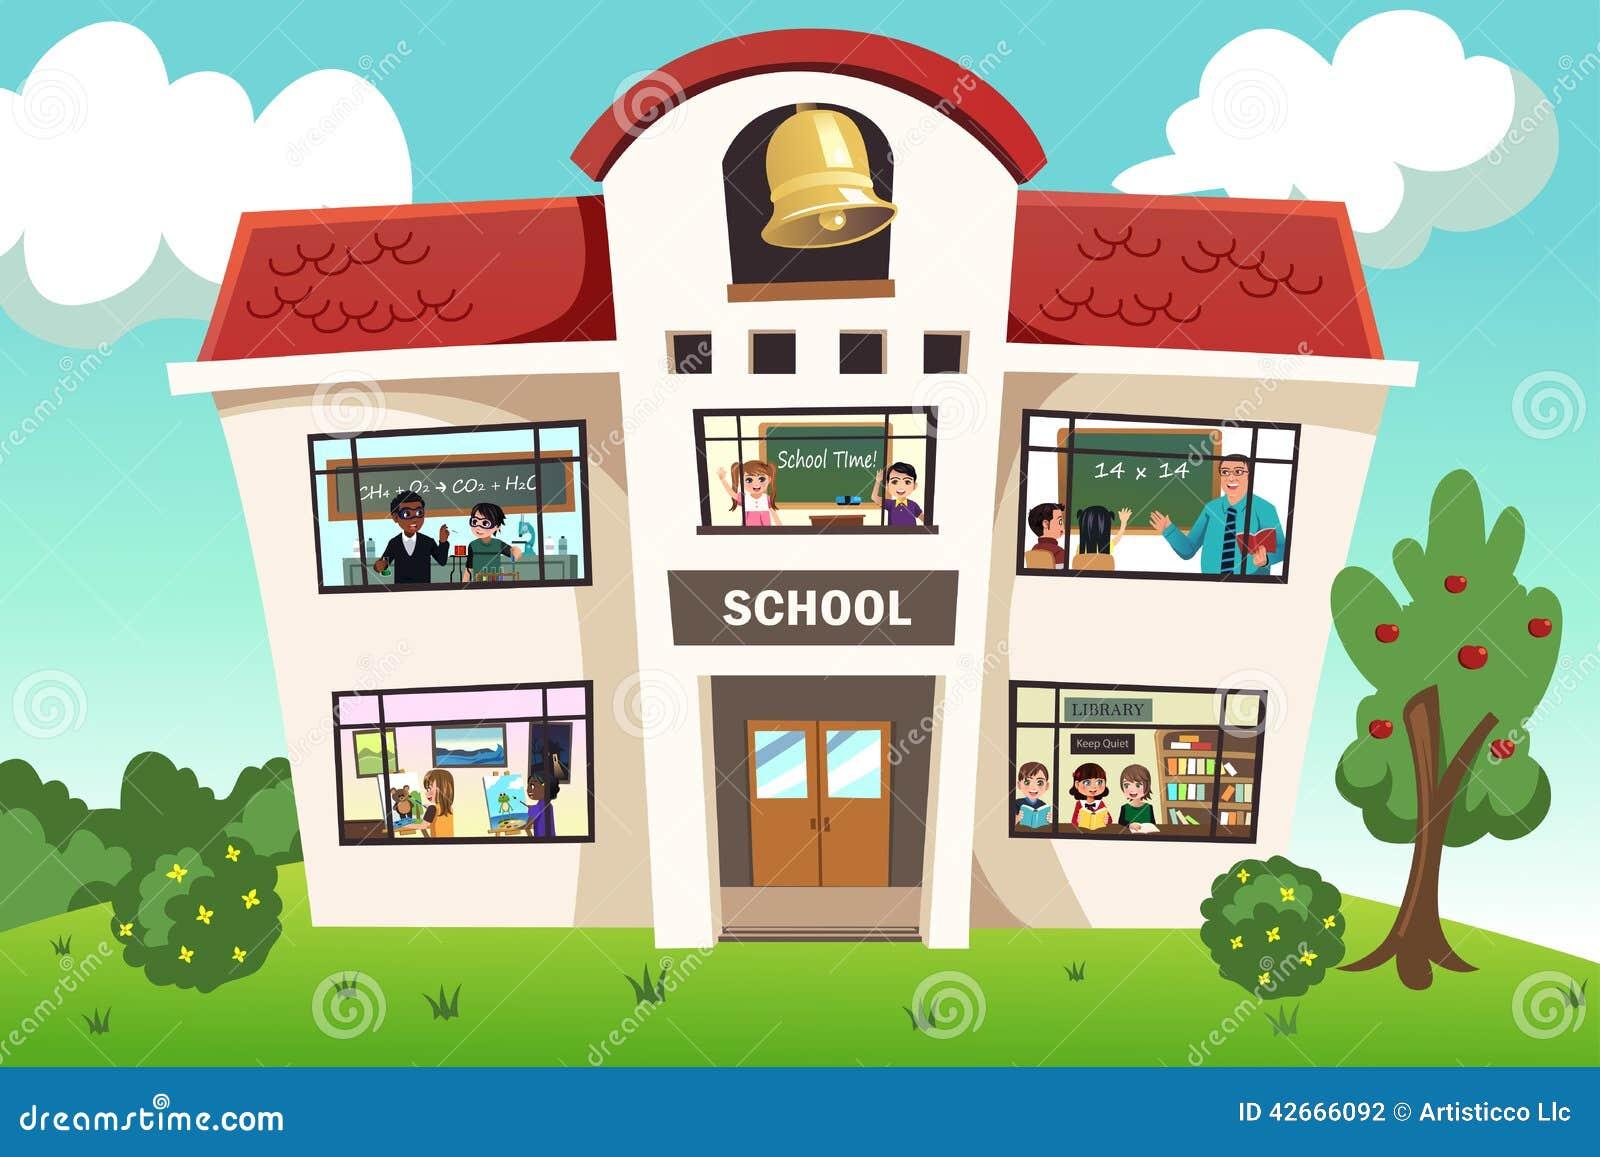 clipart school activities - photo #10